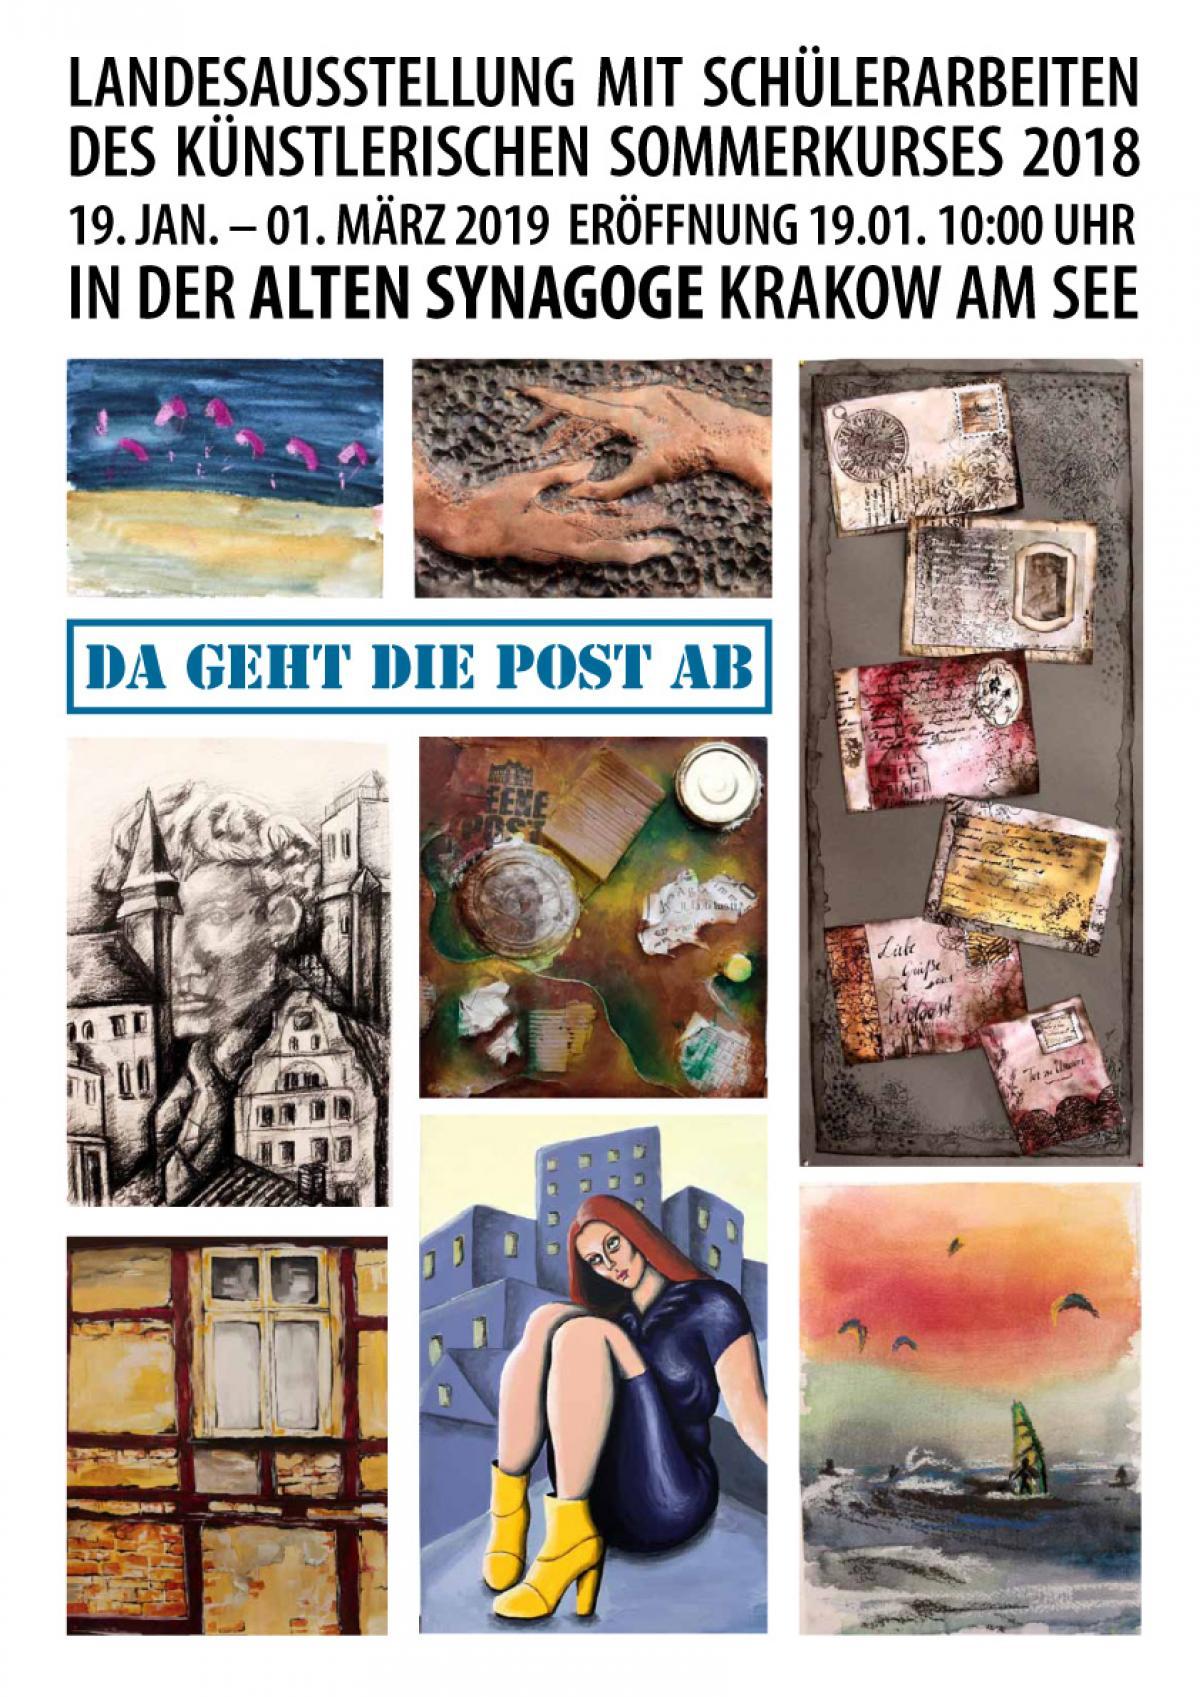 Kulturverein Alte Synagoge Krakow am See e.V.